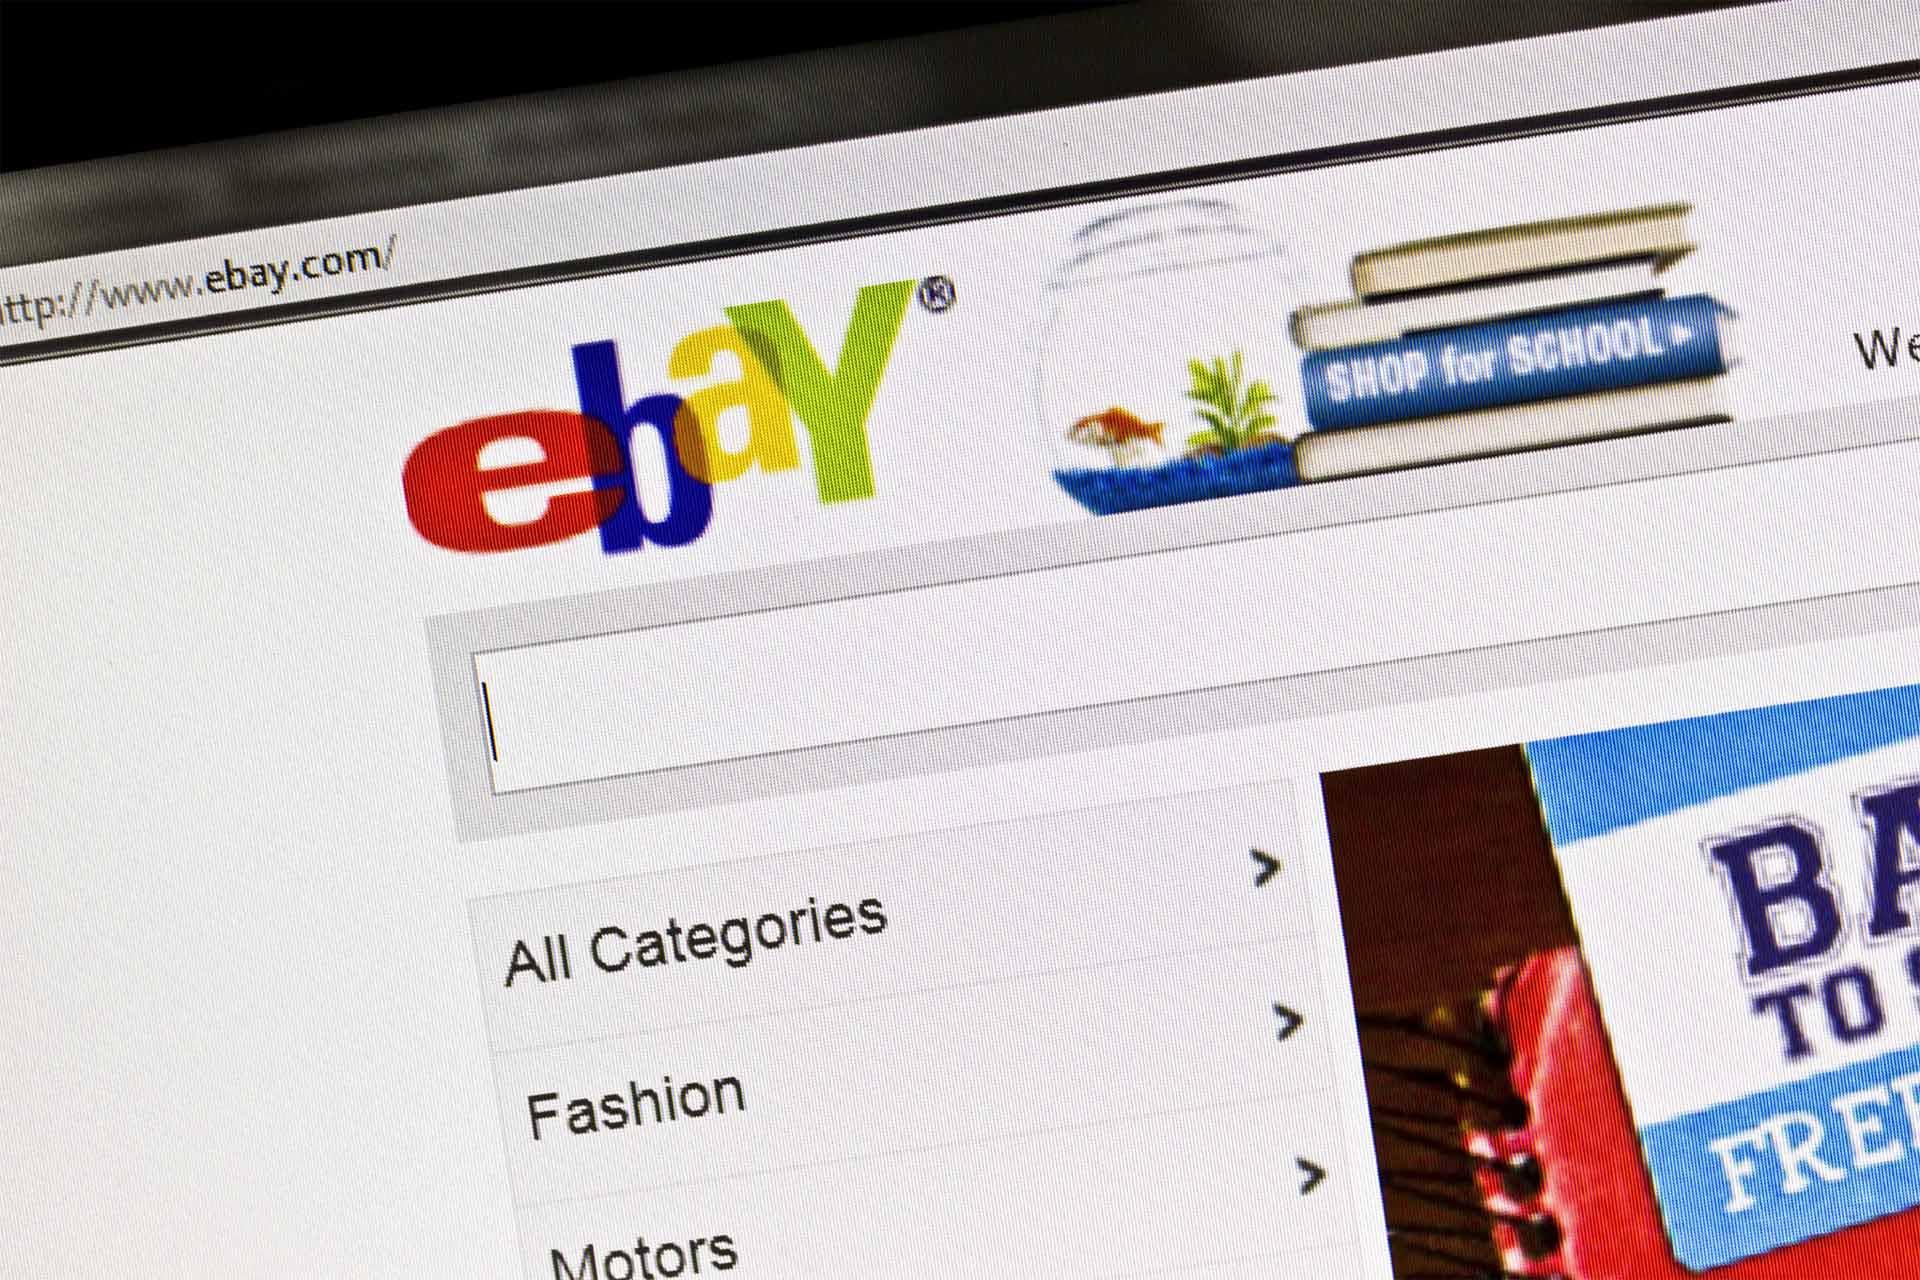 Doblellave-Ebay estrenó sección de venta de artículos por 10$